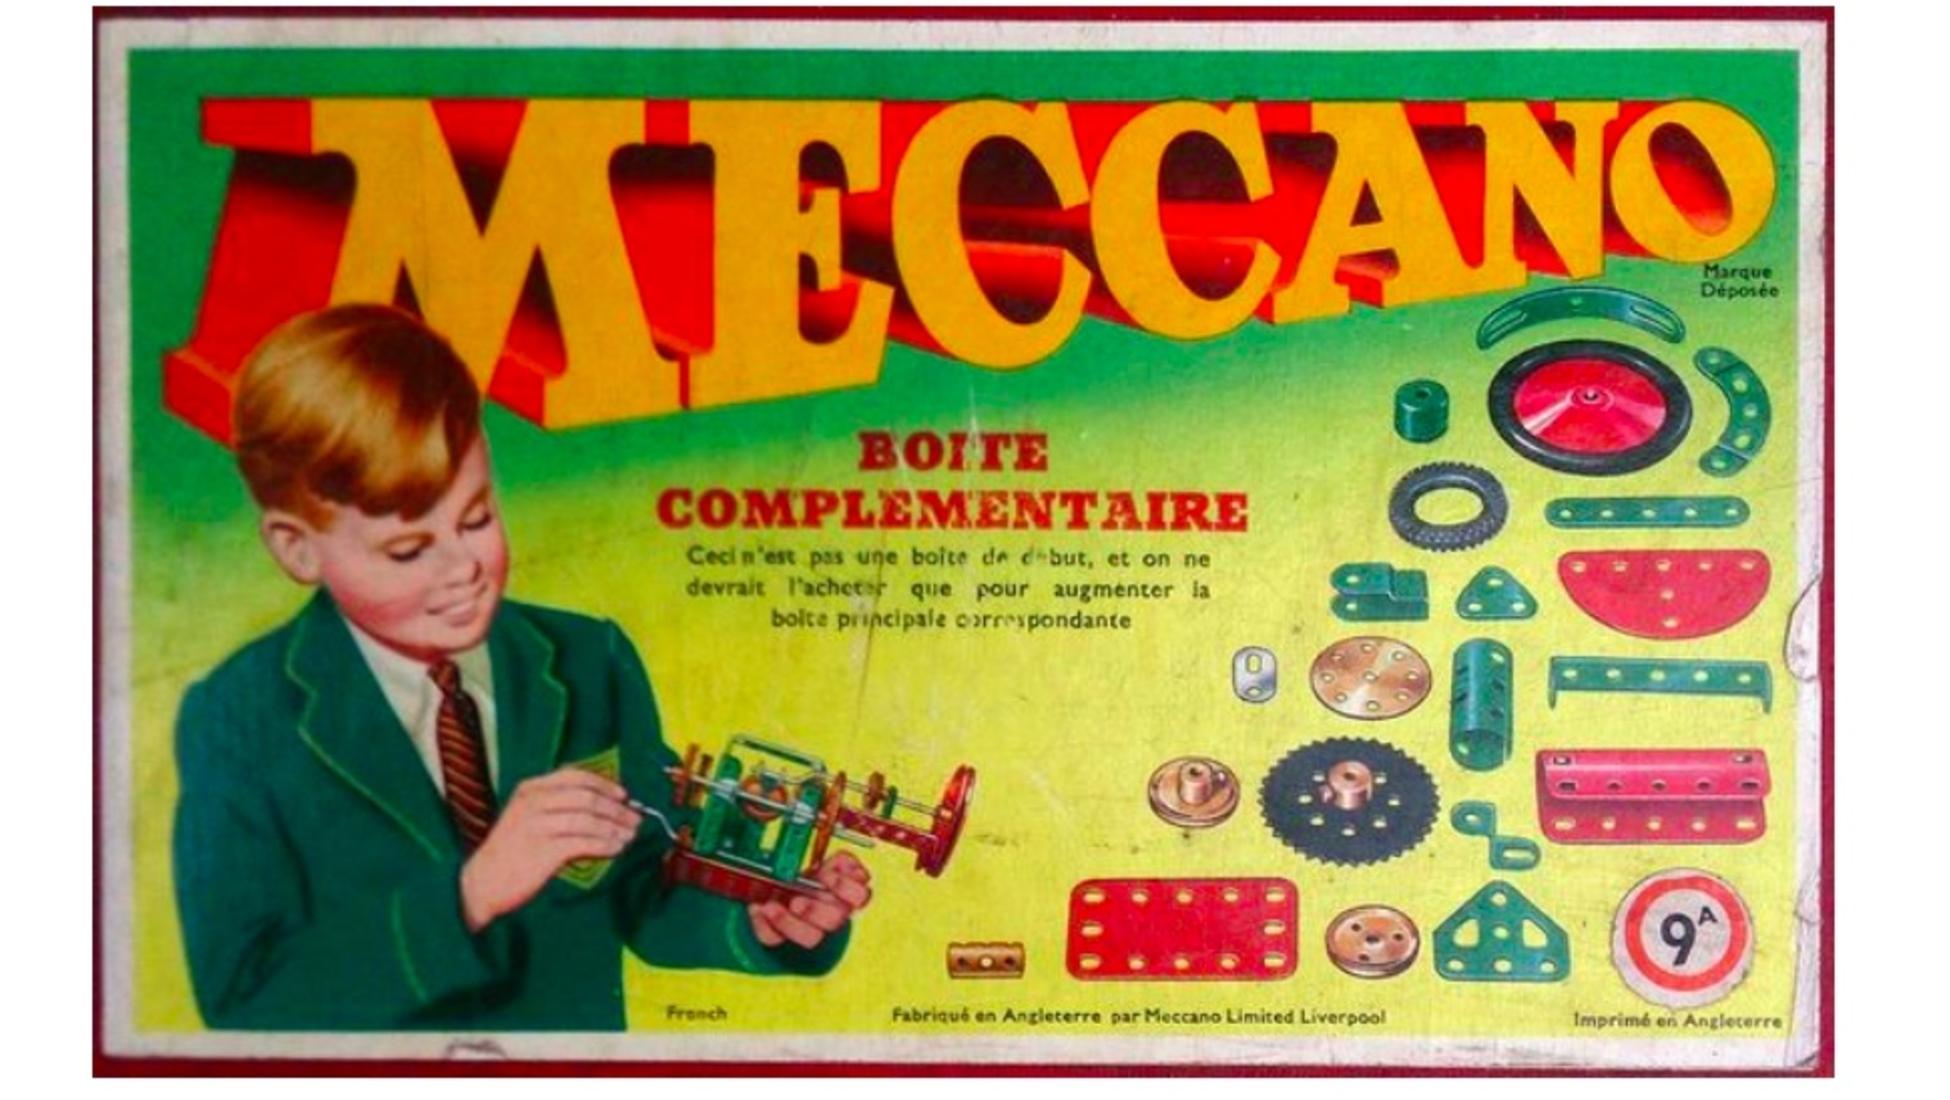 Hoe bepaal je de waarde van blikken speelgoed? Catawiki